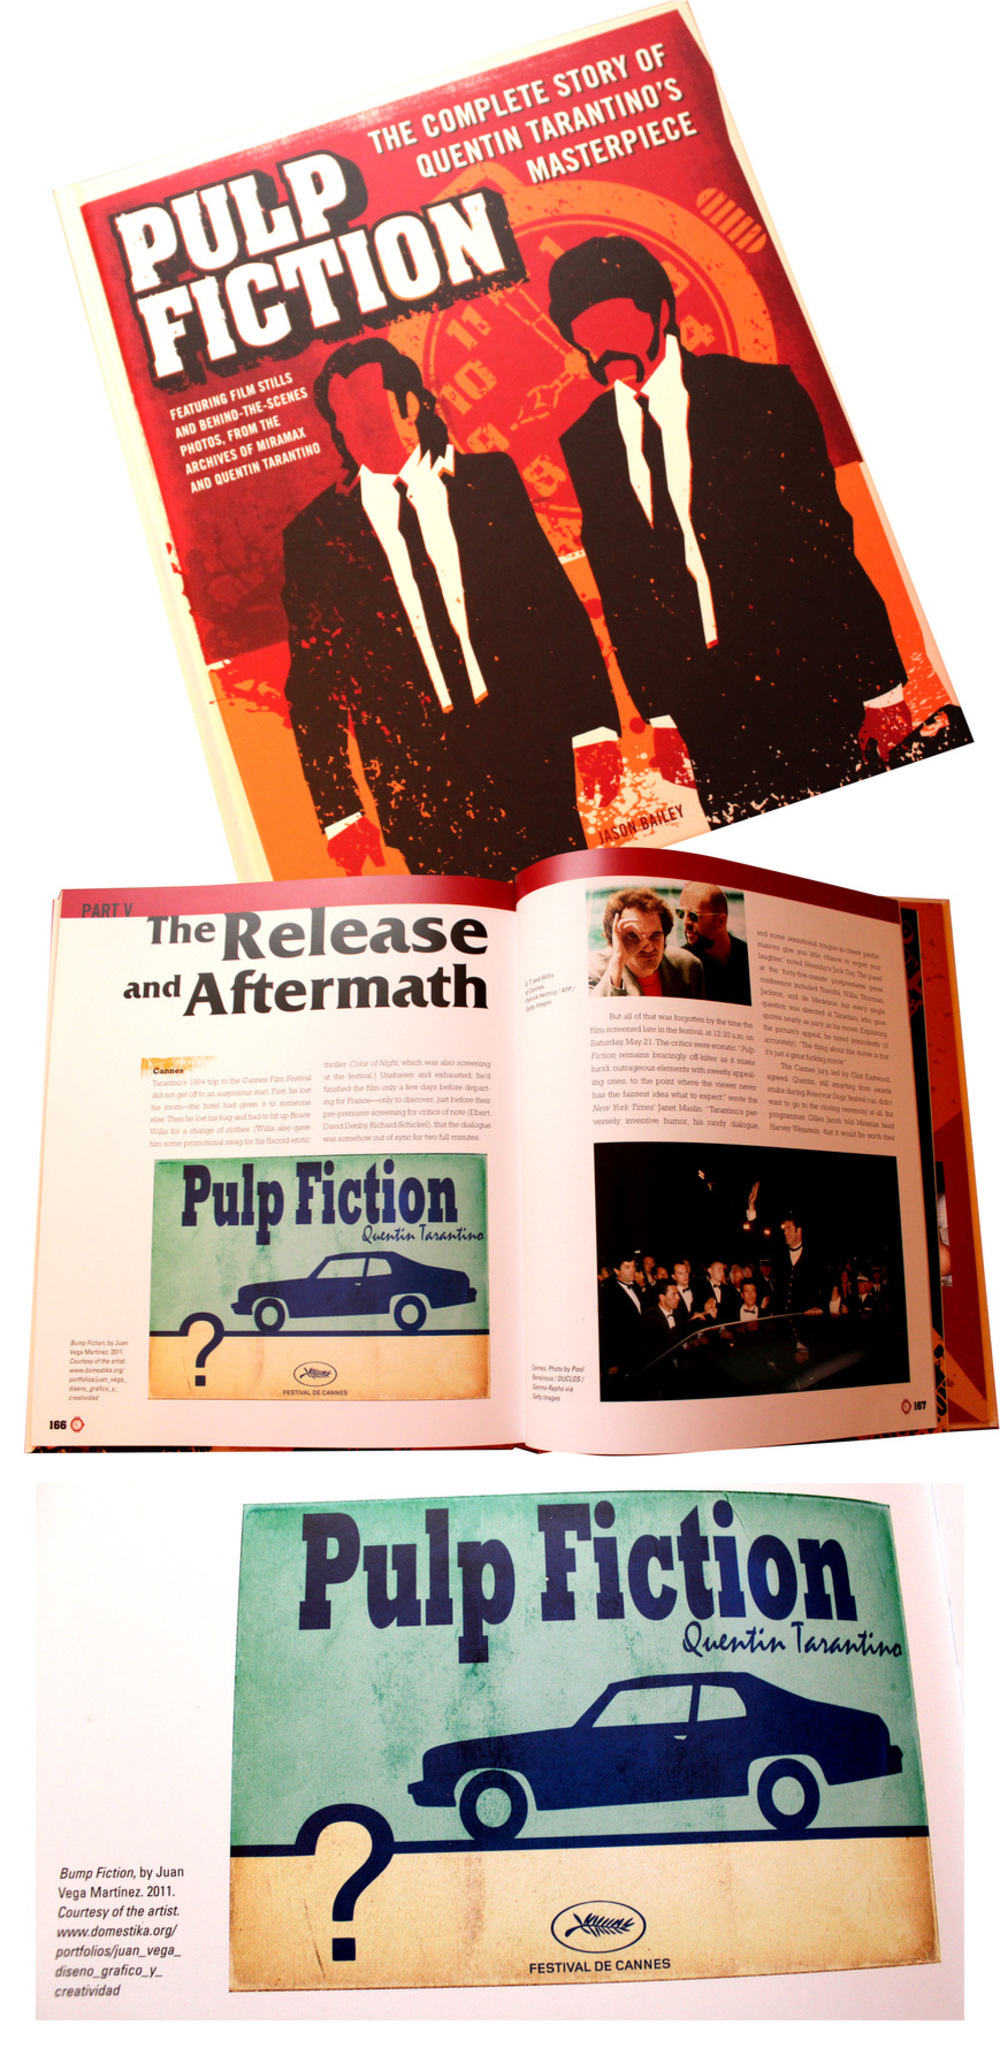 Juan Vega Martínez - Diseño para ilustrar el libro Pulp Fiction, The Complete Story Of Tarantino´s Masterpiece escrito por Jason Bailey. Editorial Boyageur Press.